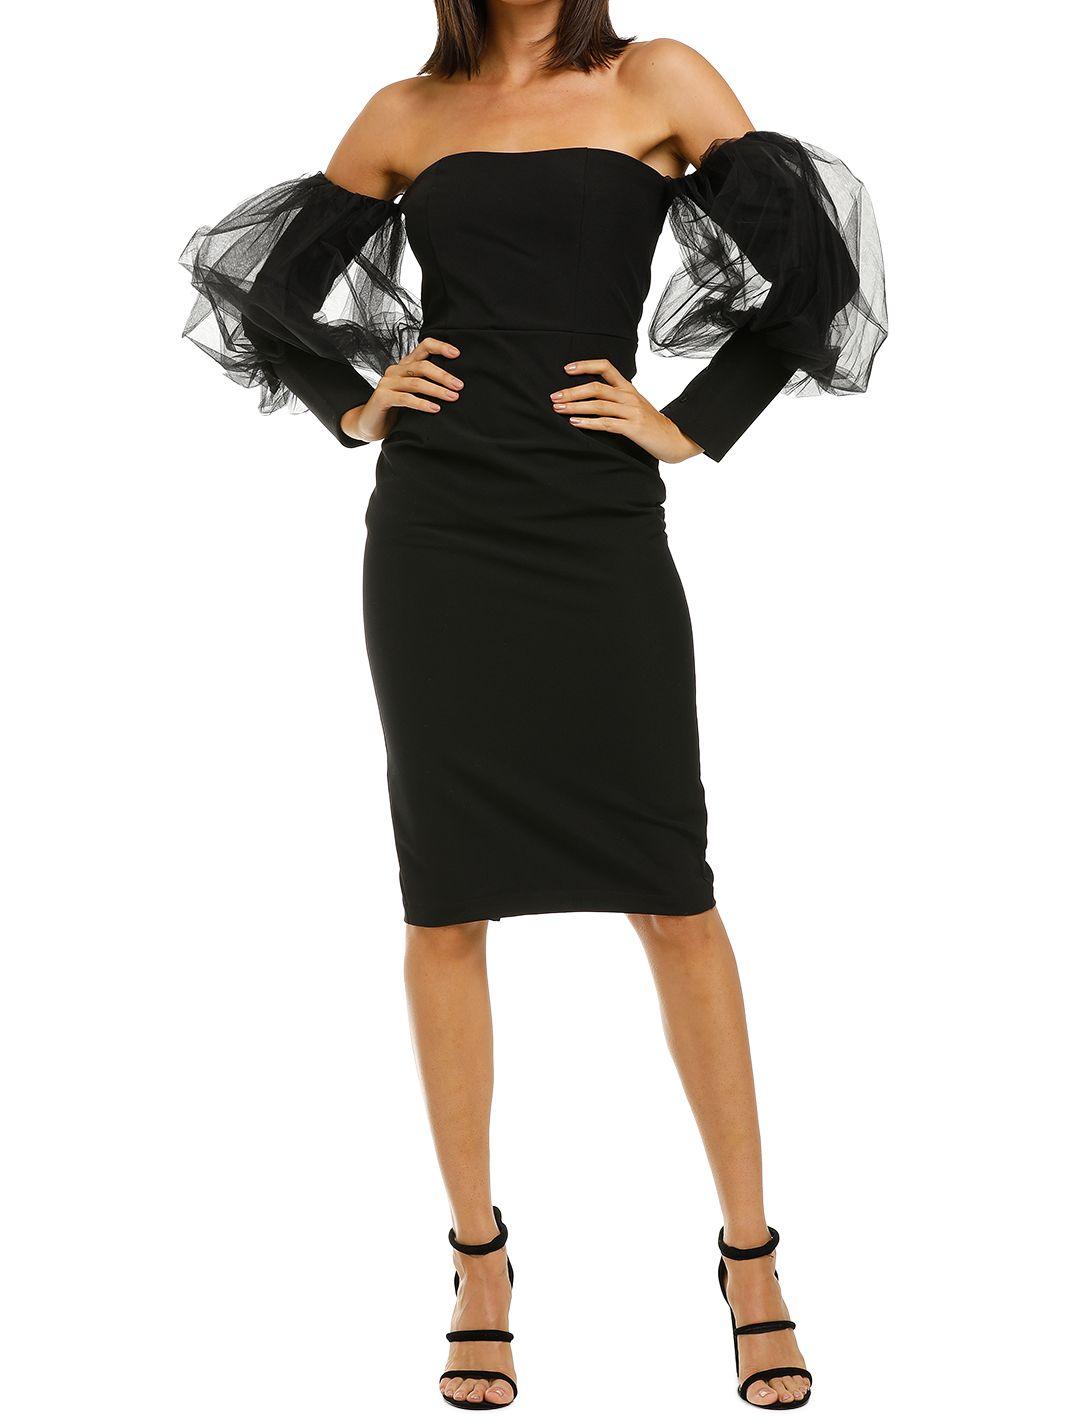 Bianca-and-Bridgett-Harper-Midi-Dress-Black-Front